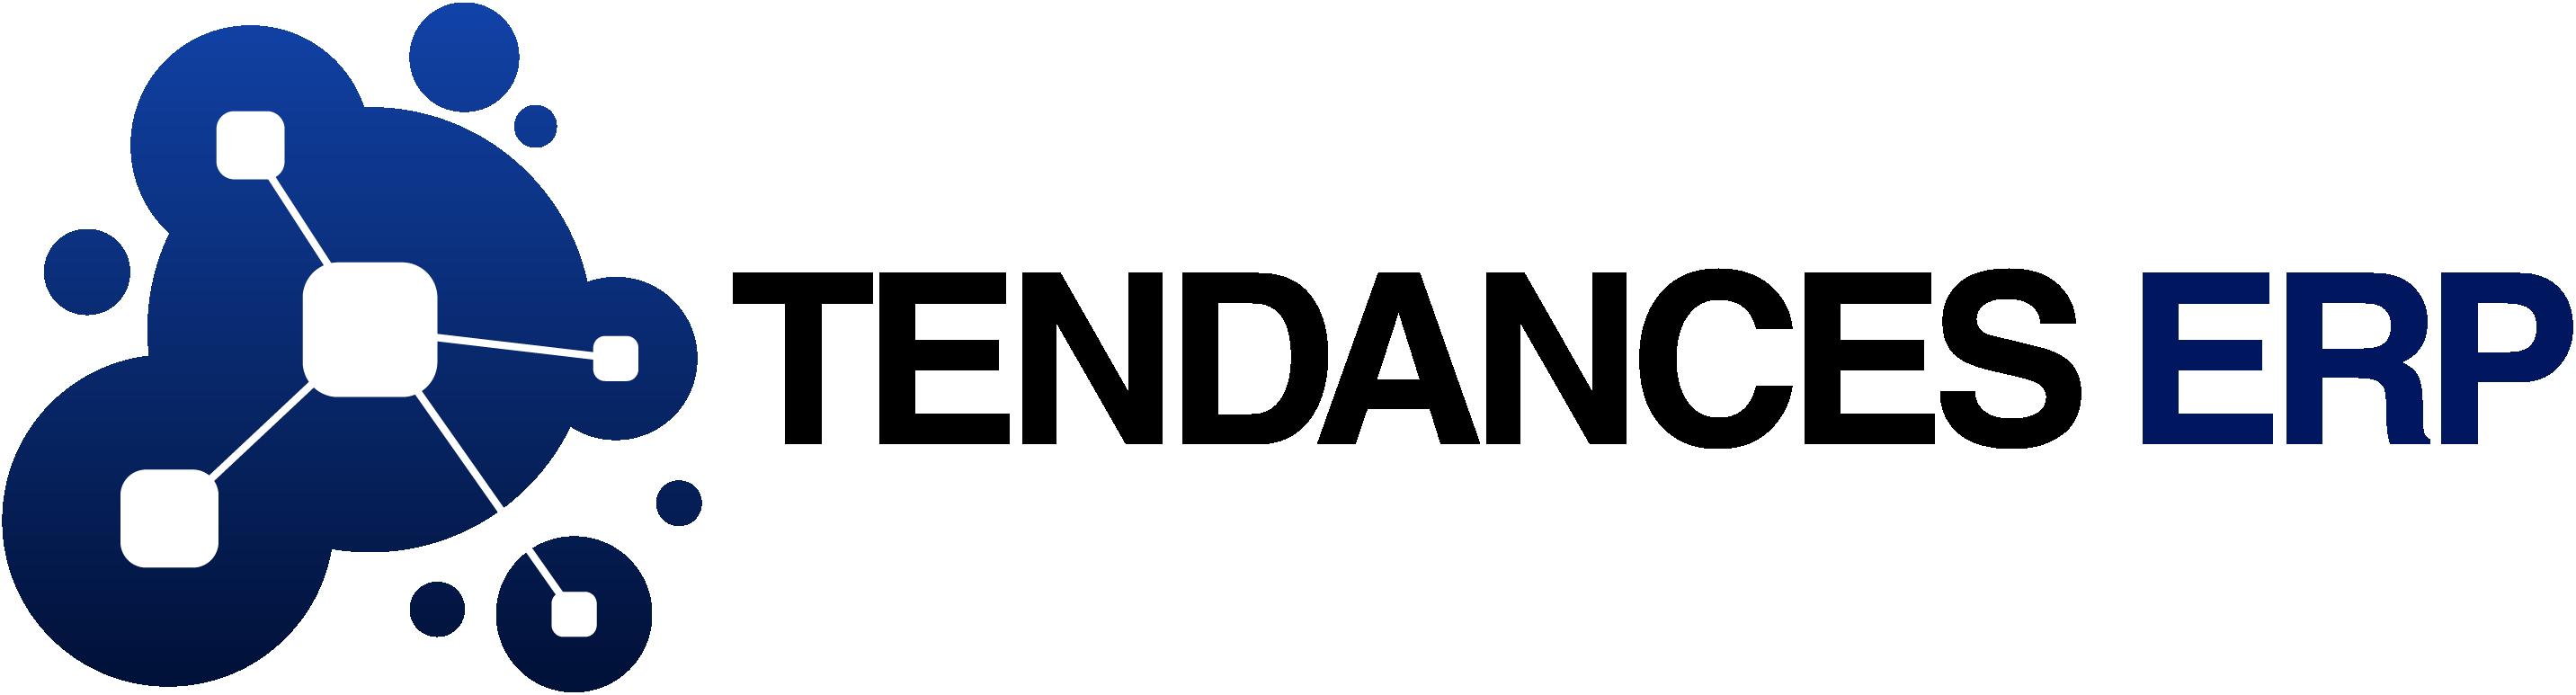 Tendances ERP_logo